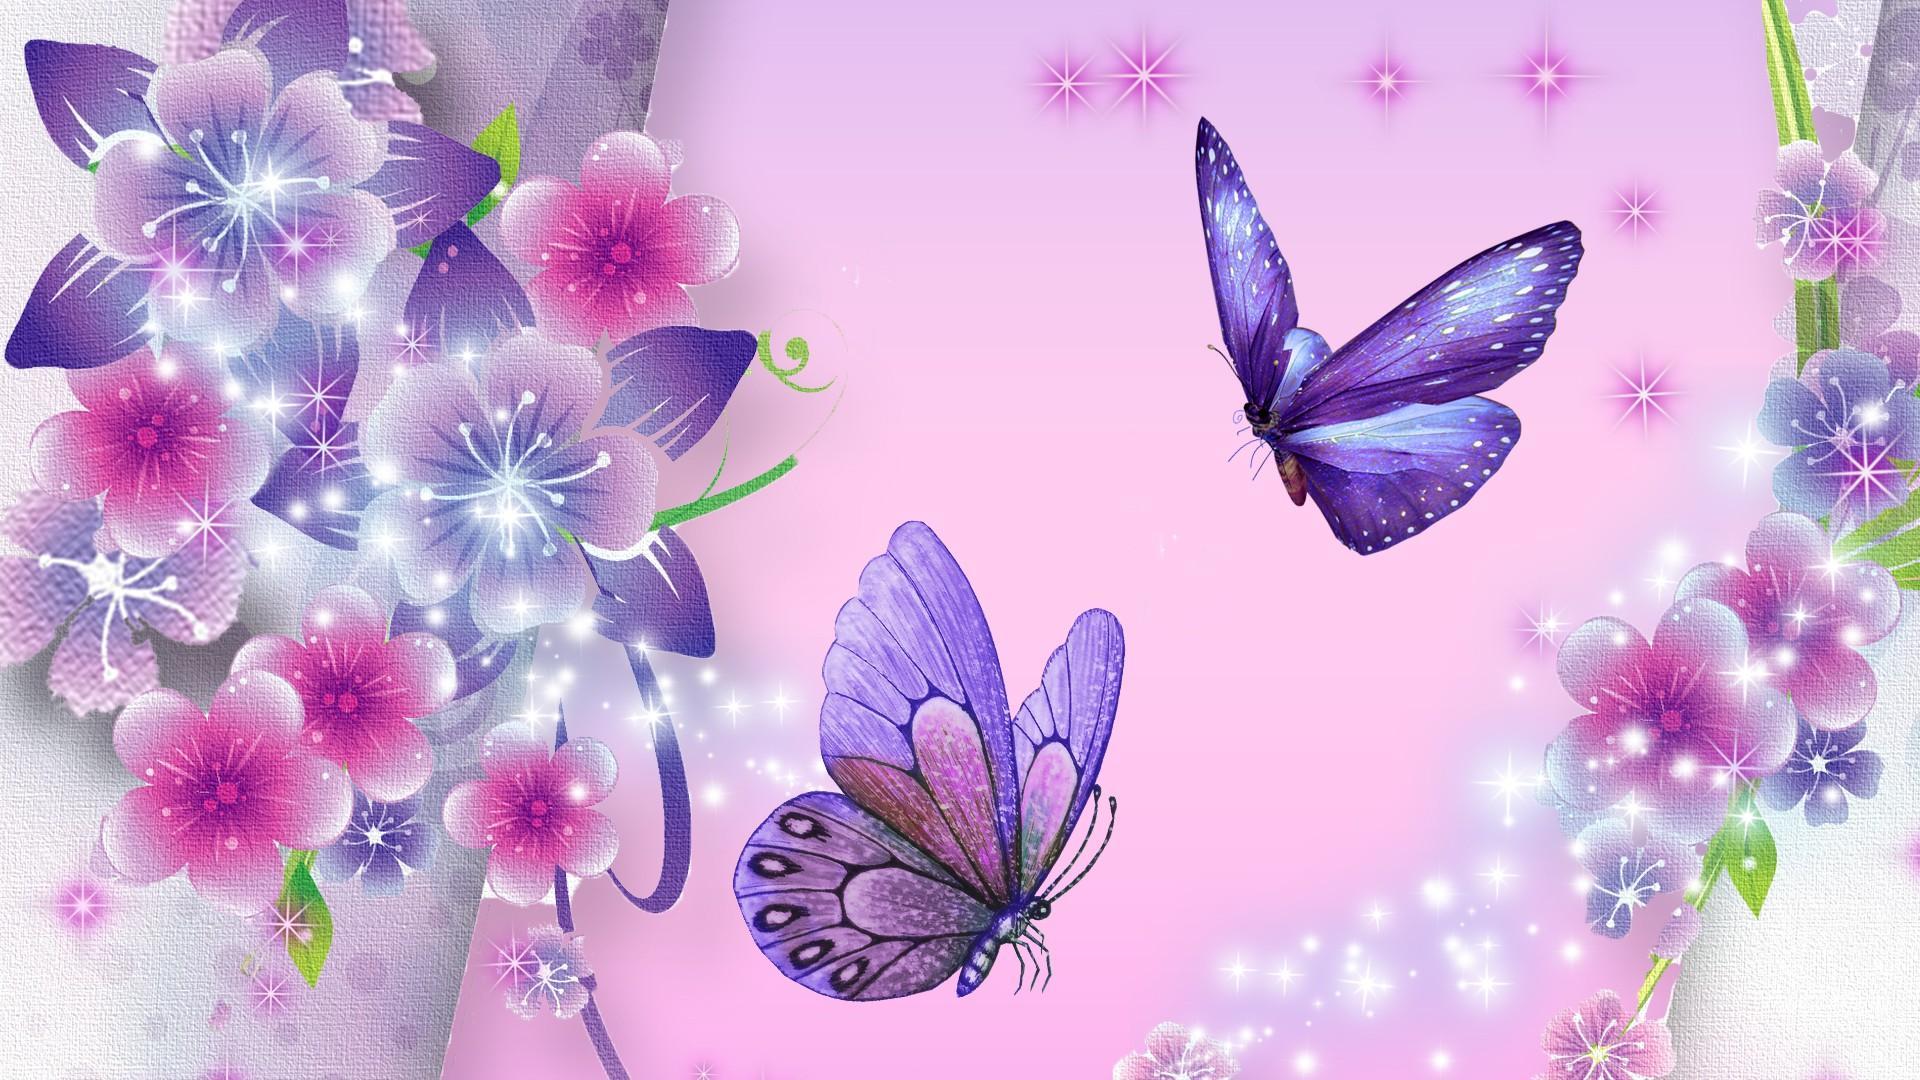 butterfly wallpaper purple star